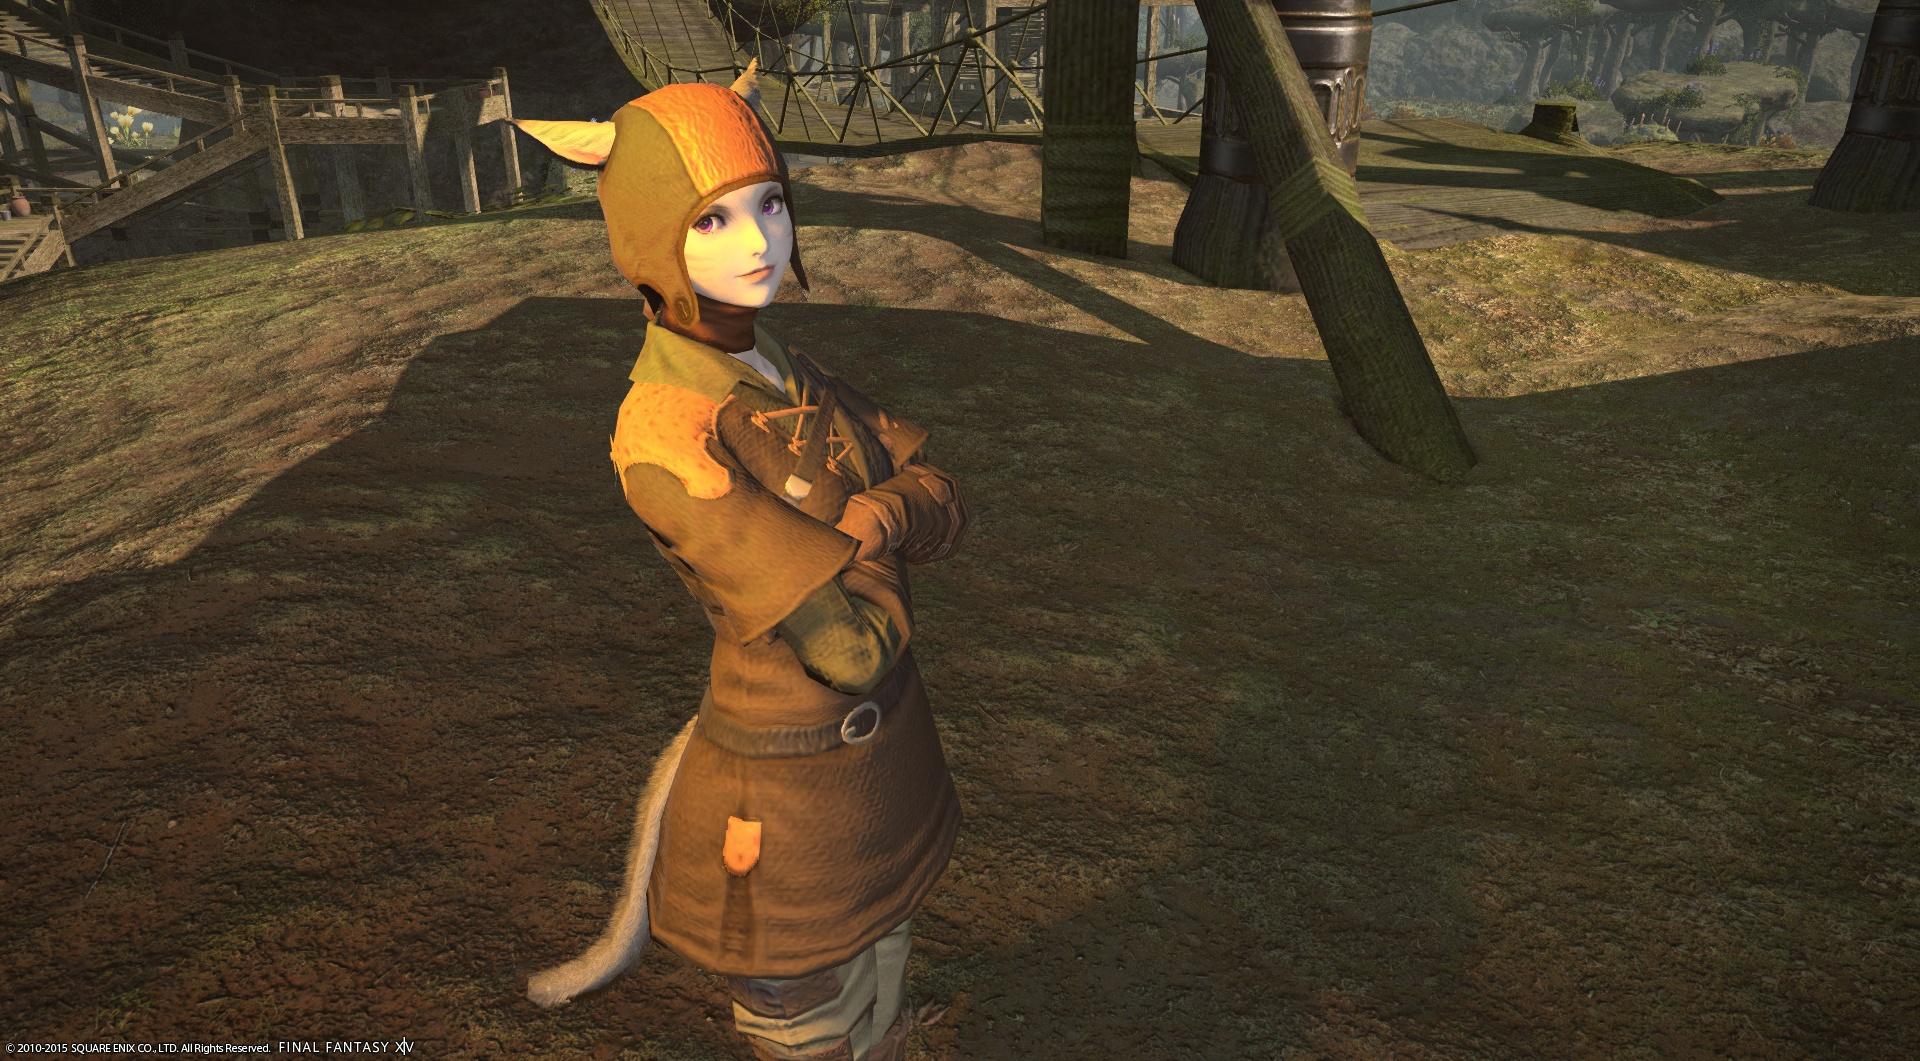 ハ・ムネコ牙曹長 : 小官は、双蛇党黄蛇隊に属す者。 「グランドカンパニーリーヴ」を管轄しています。